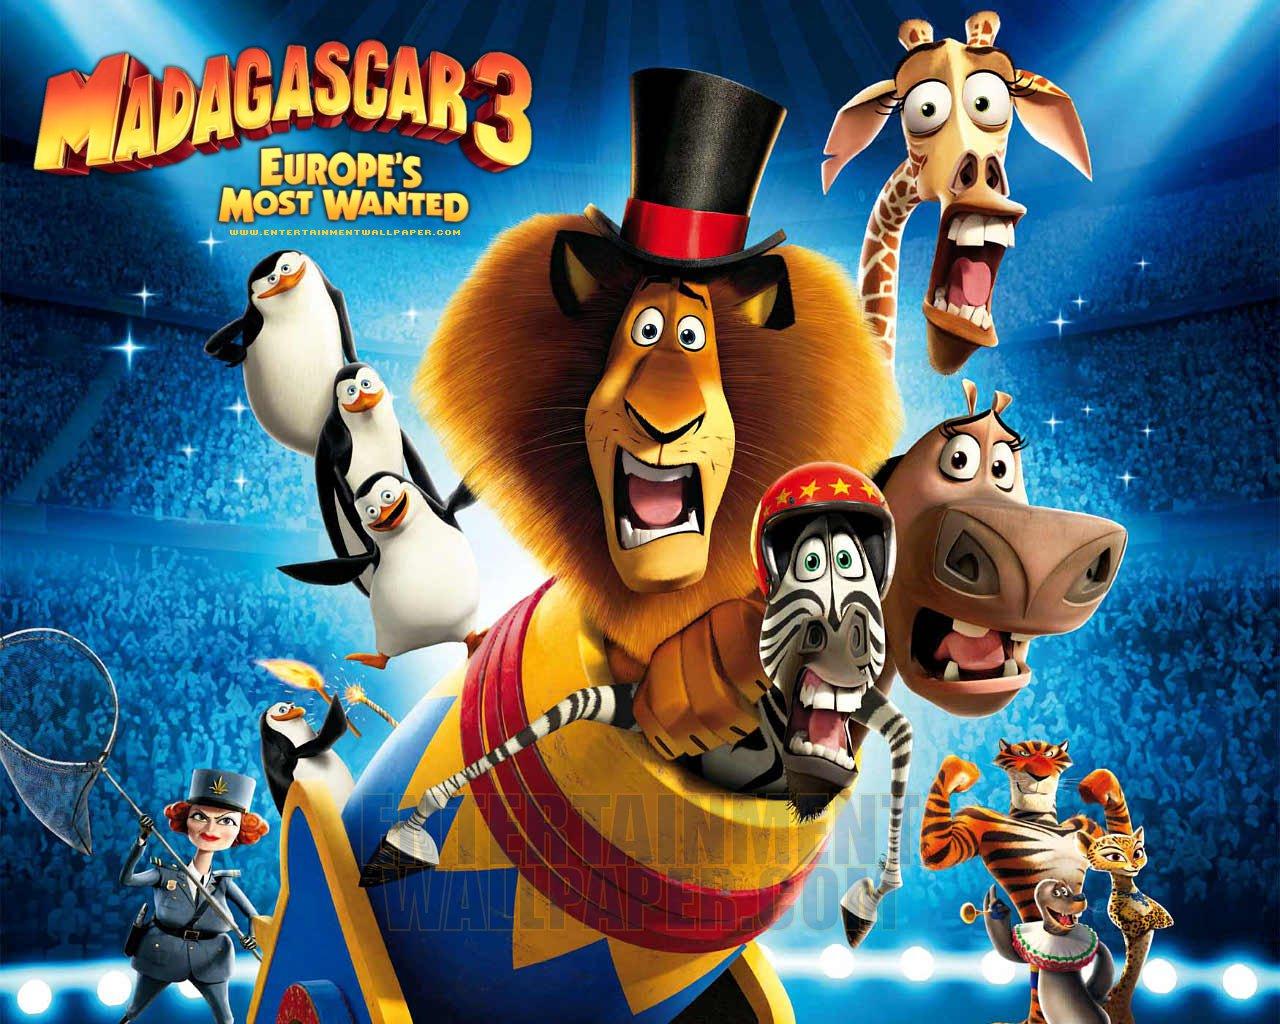 Lomeoystz Madagascar 3 Europe S Most Wanted 2012 Animation Movies Full Movie